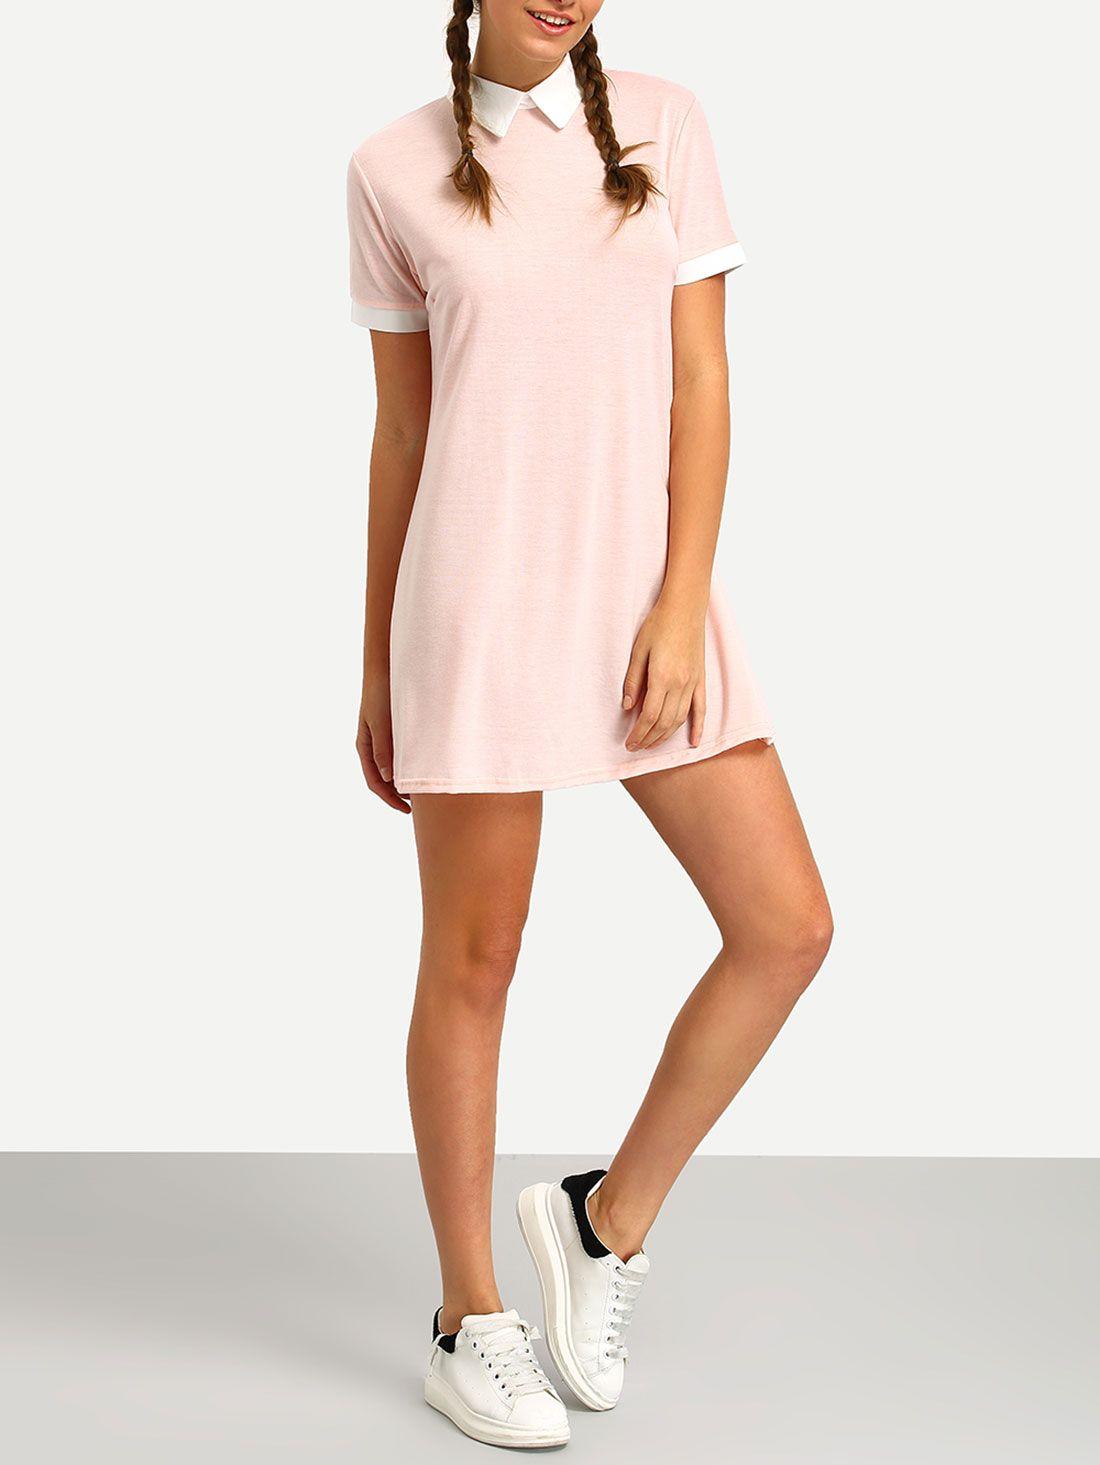 Shop pink contrast collar shirt dress online shein offers pink